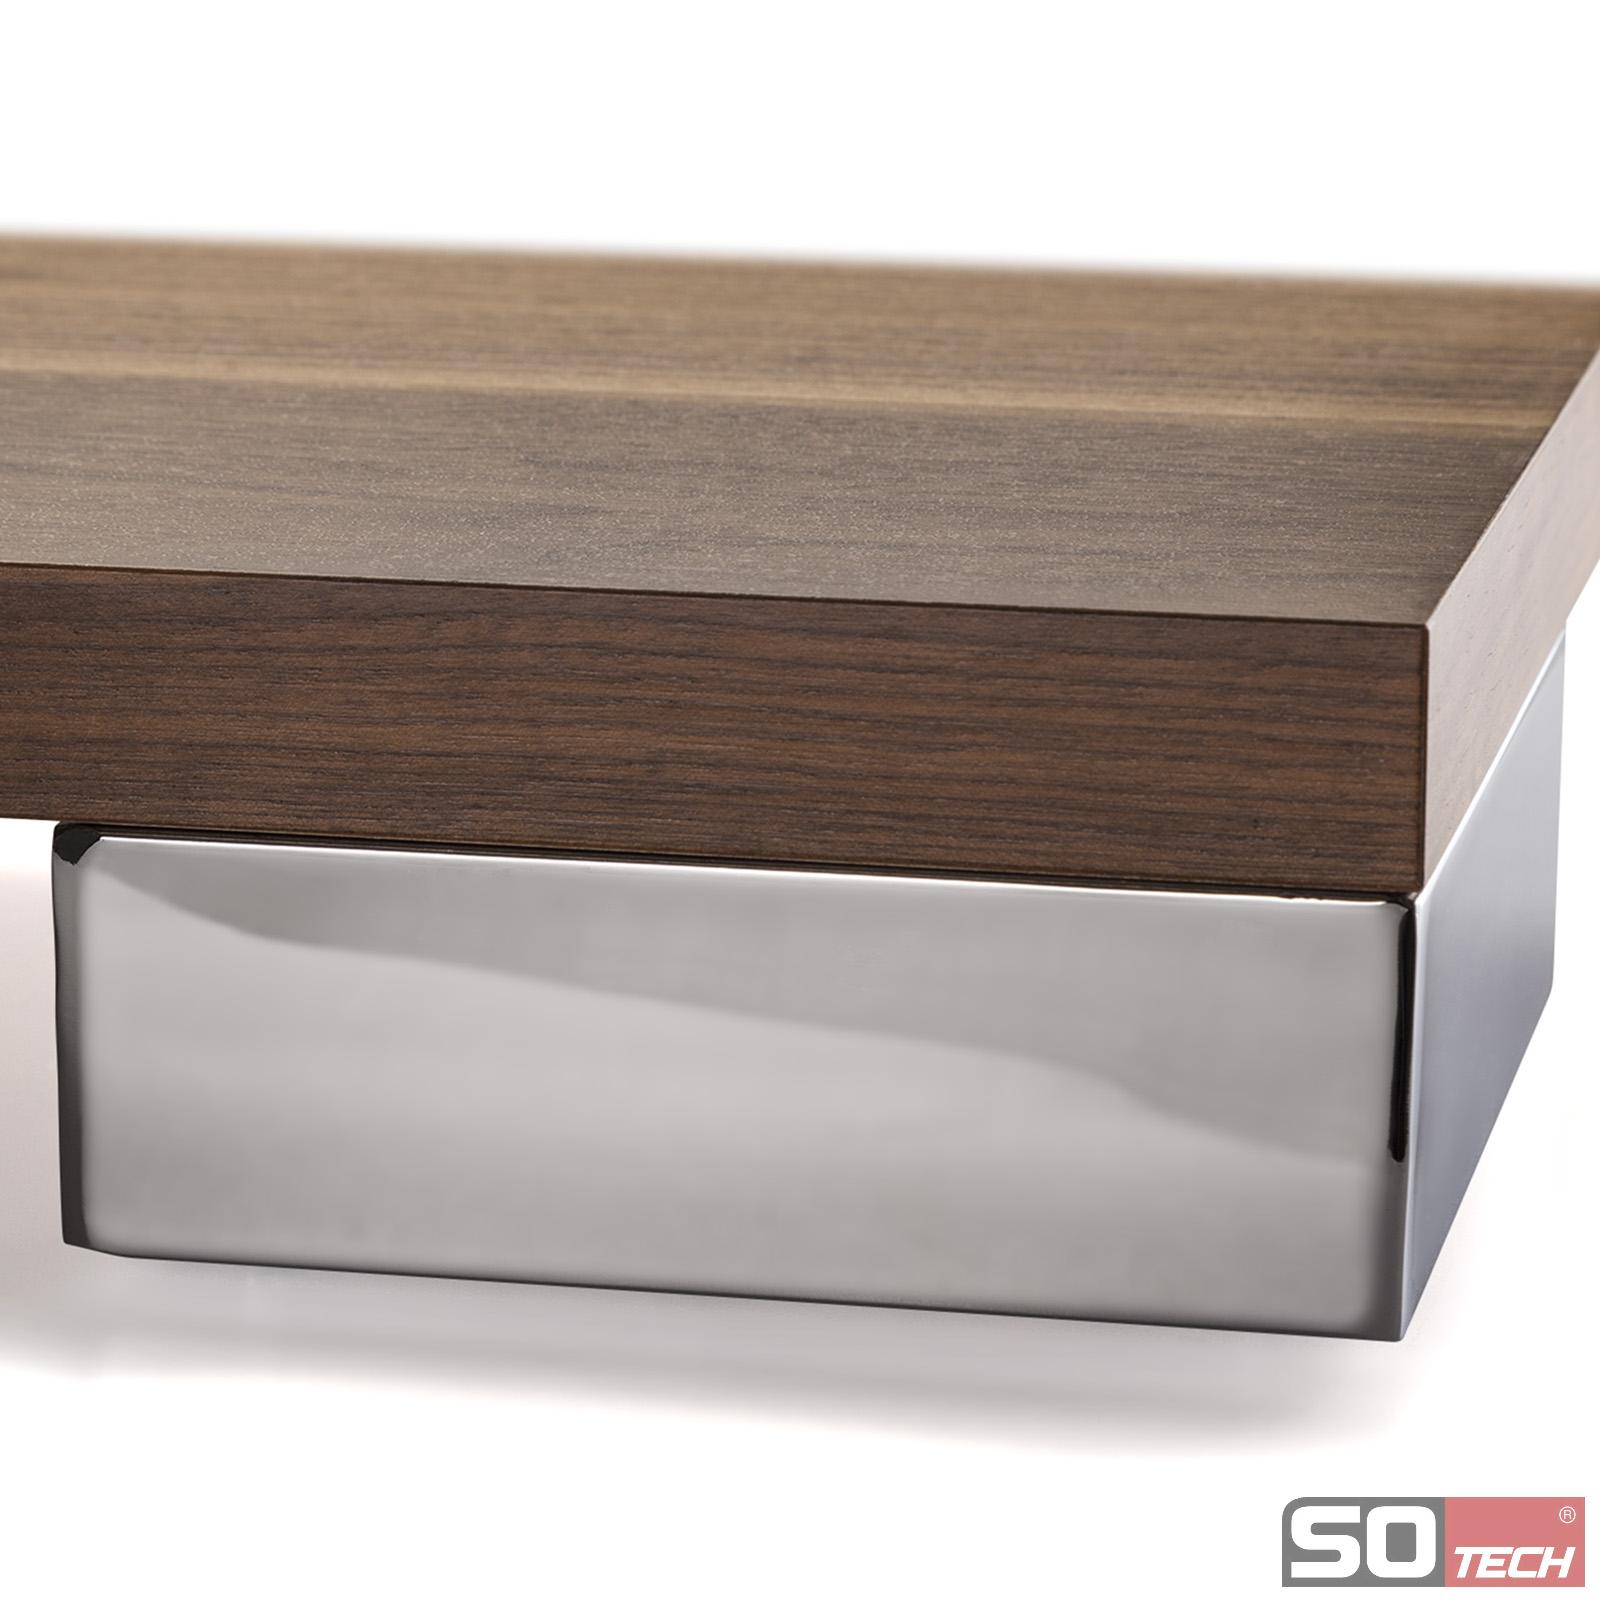 Möbelfüße Metall Eckig.Möbelfuß Möbelfüße Juliett Chrom 150 X 150 Mm